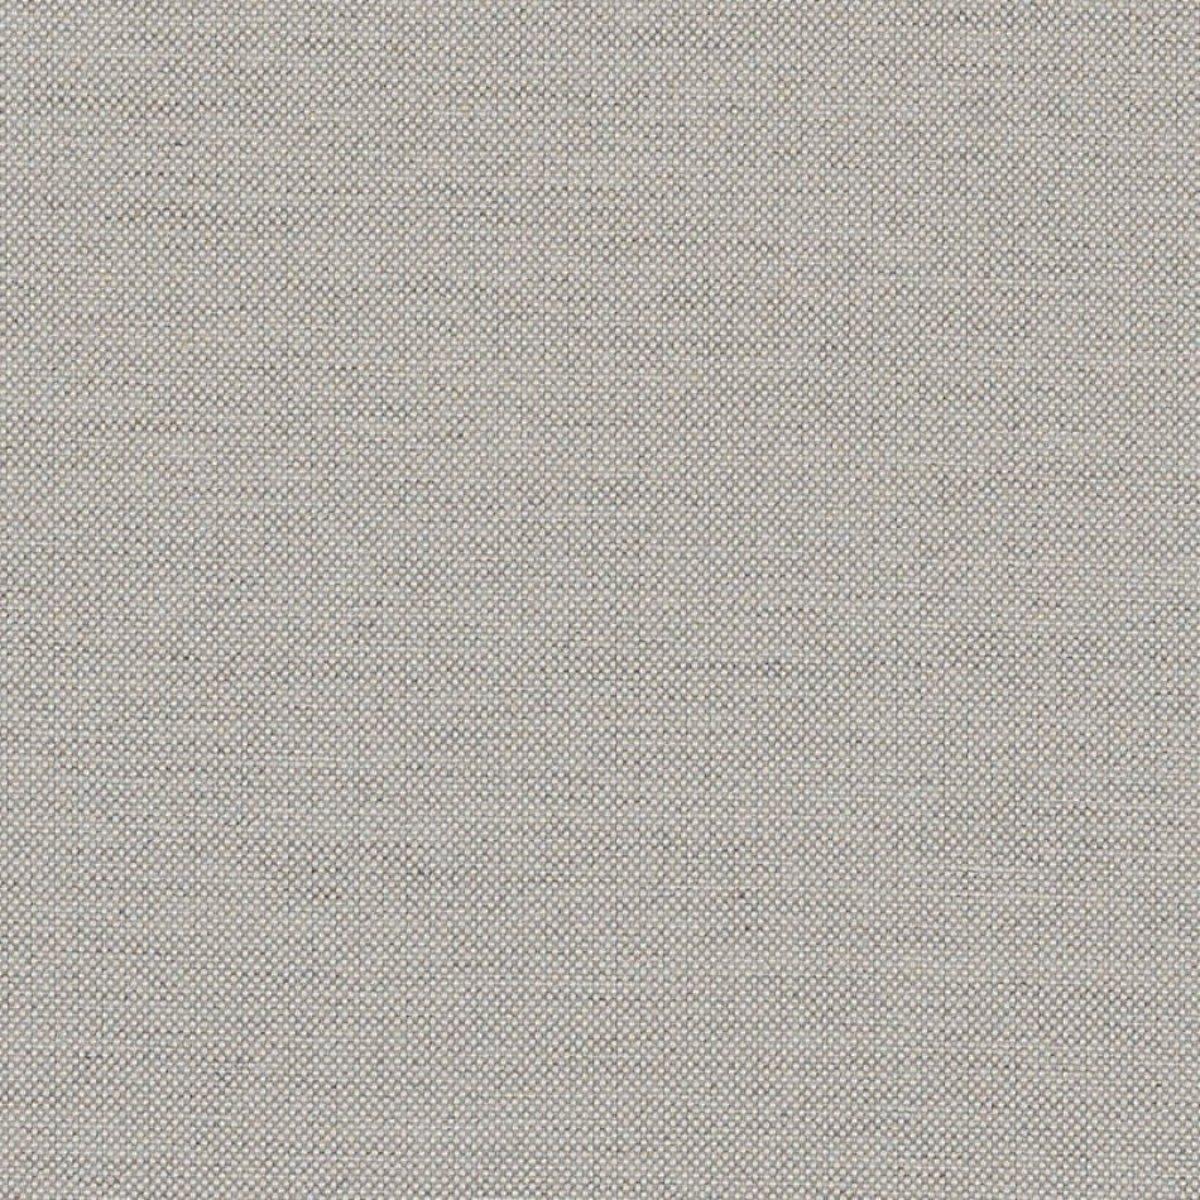 SUNBRELLA natté graumel chalk stof kopen